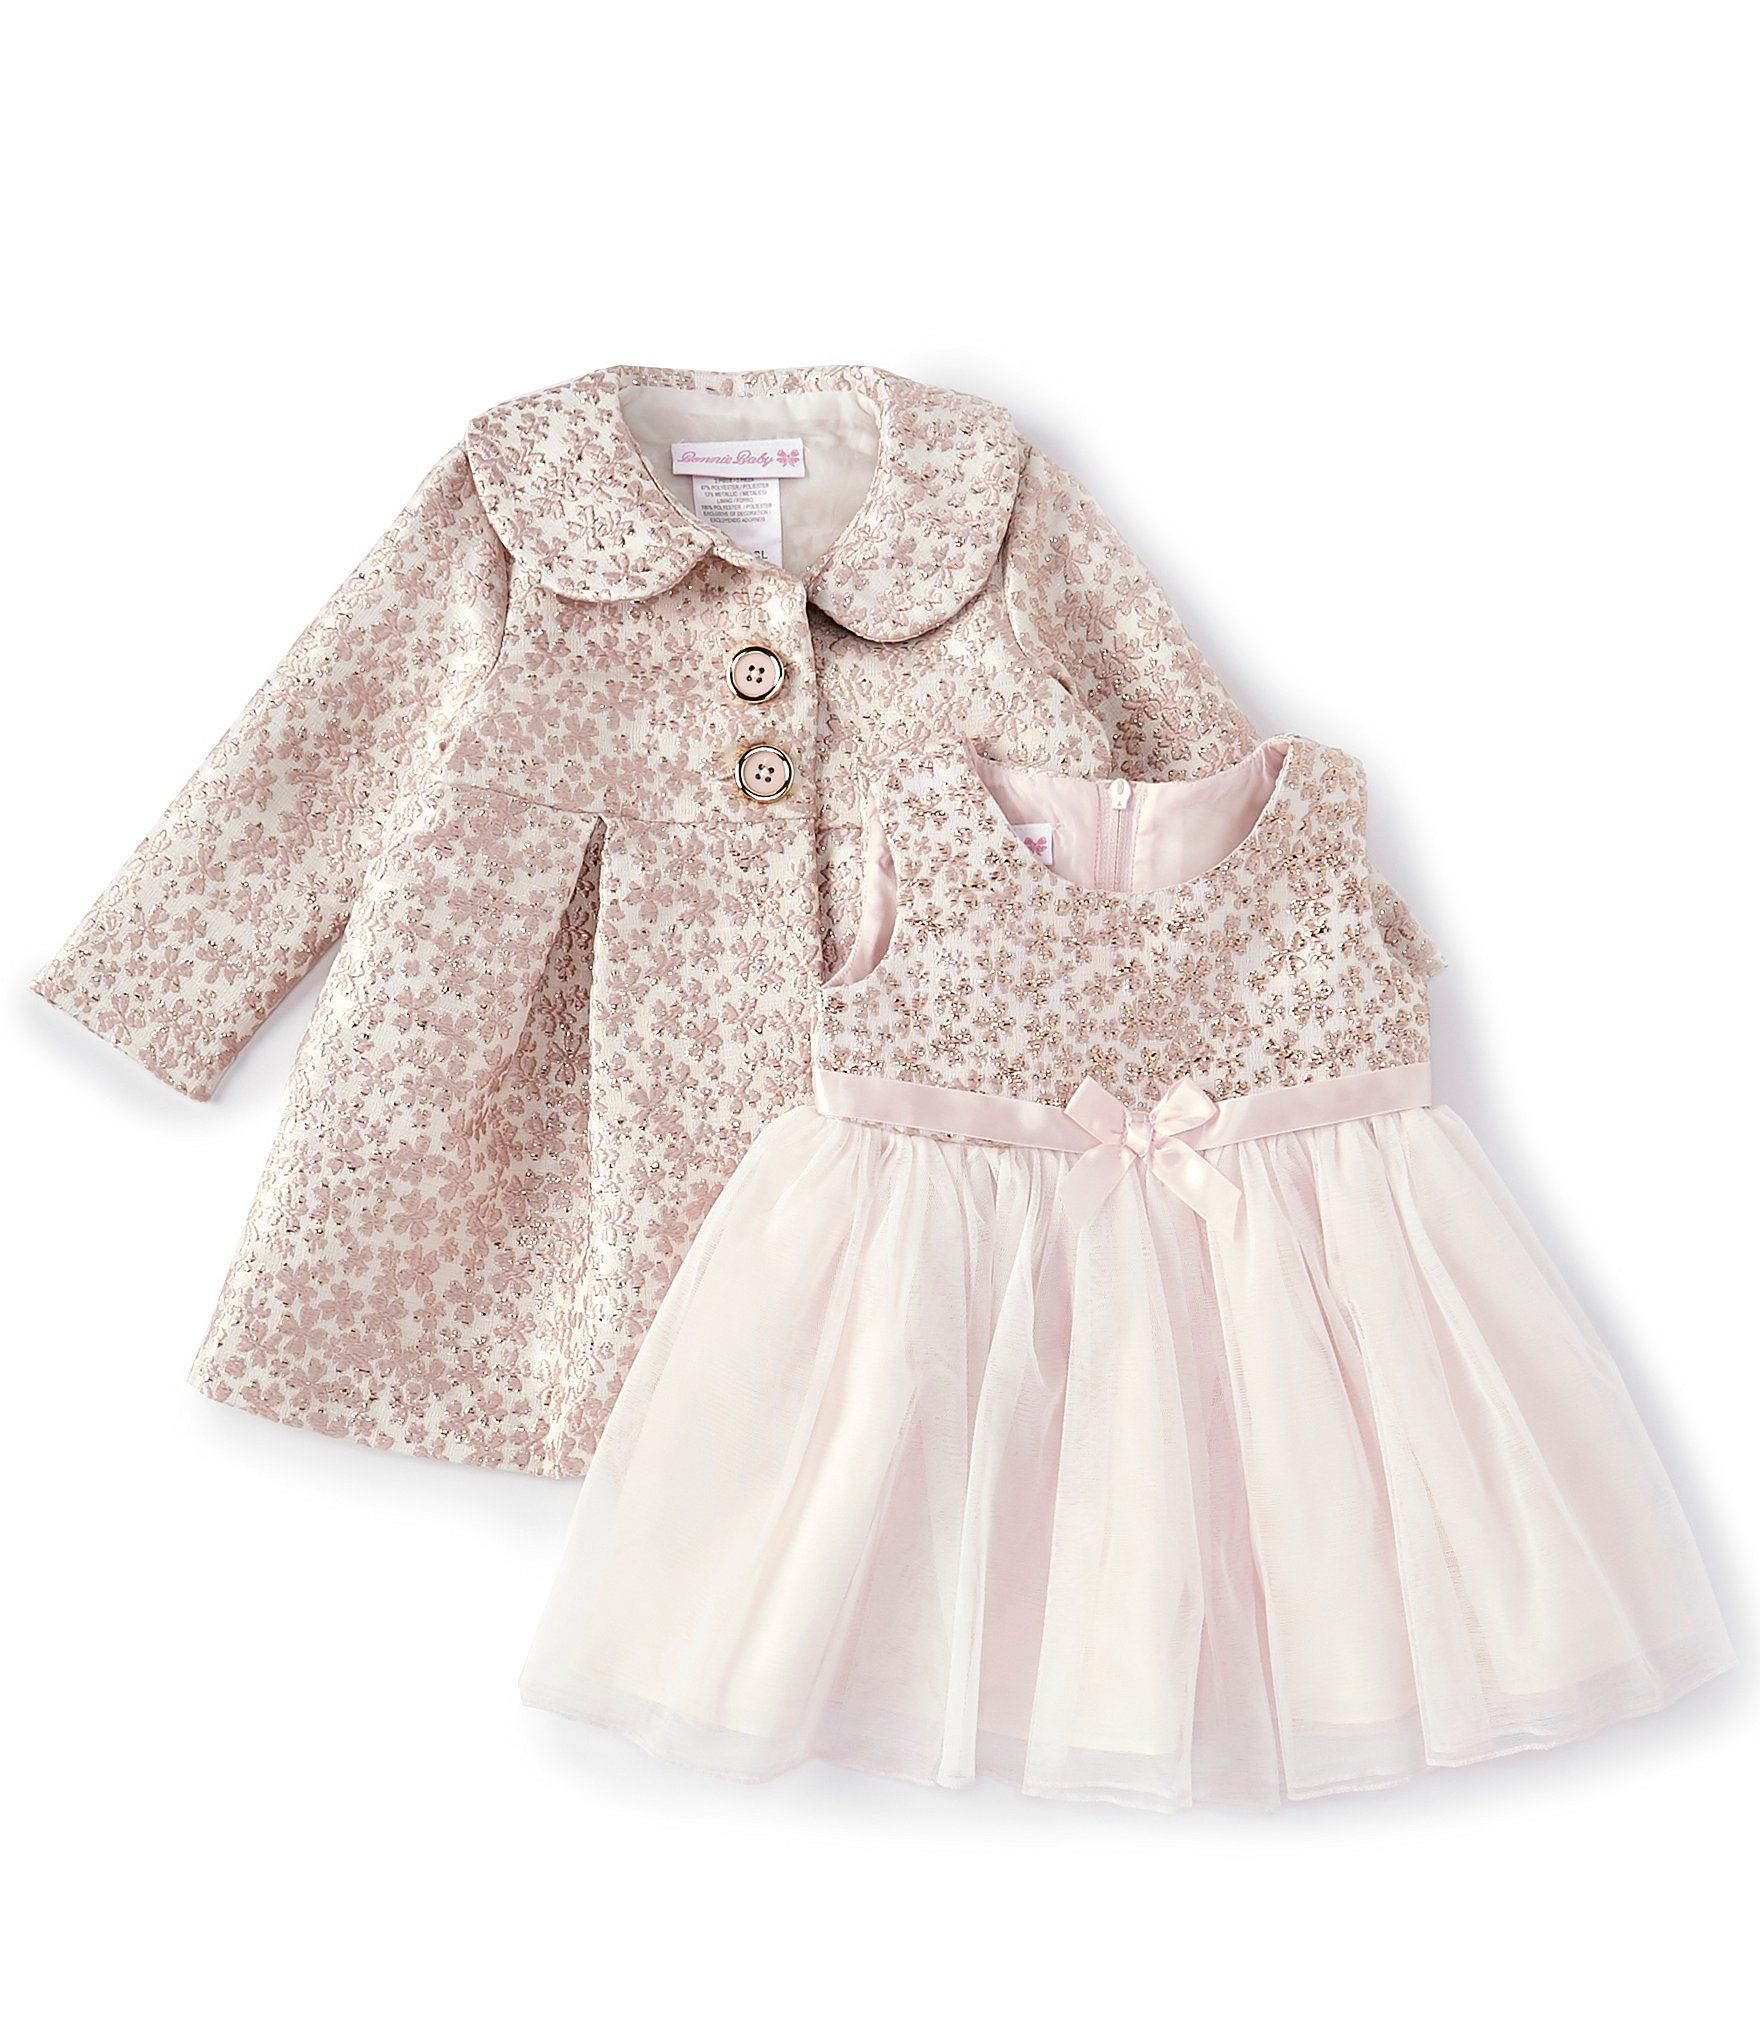 Bonnie Jean Baby Girls Newborn24 Months BrocadeFloral